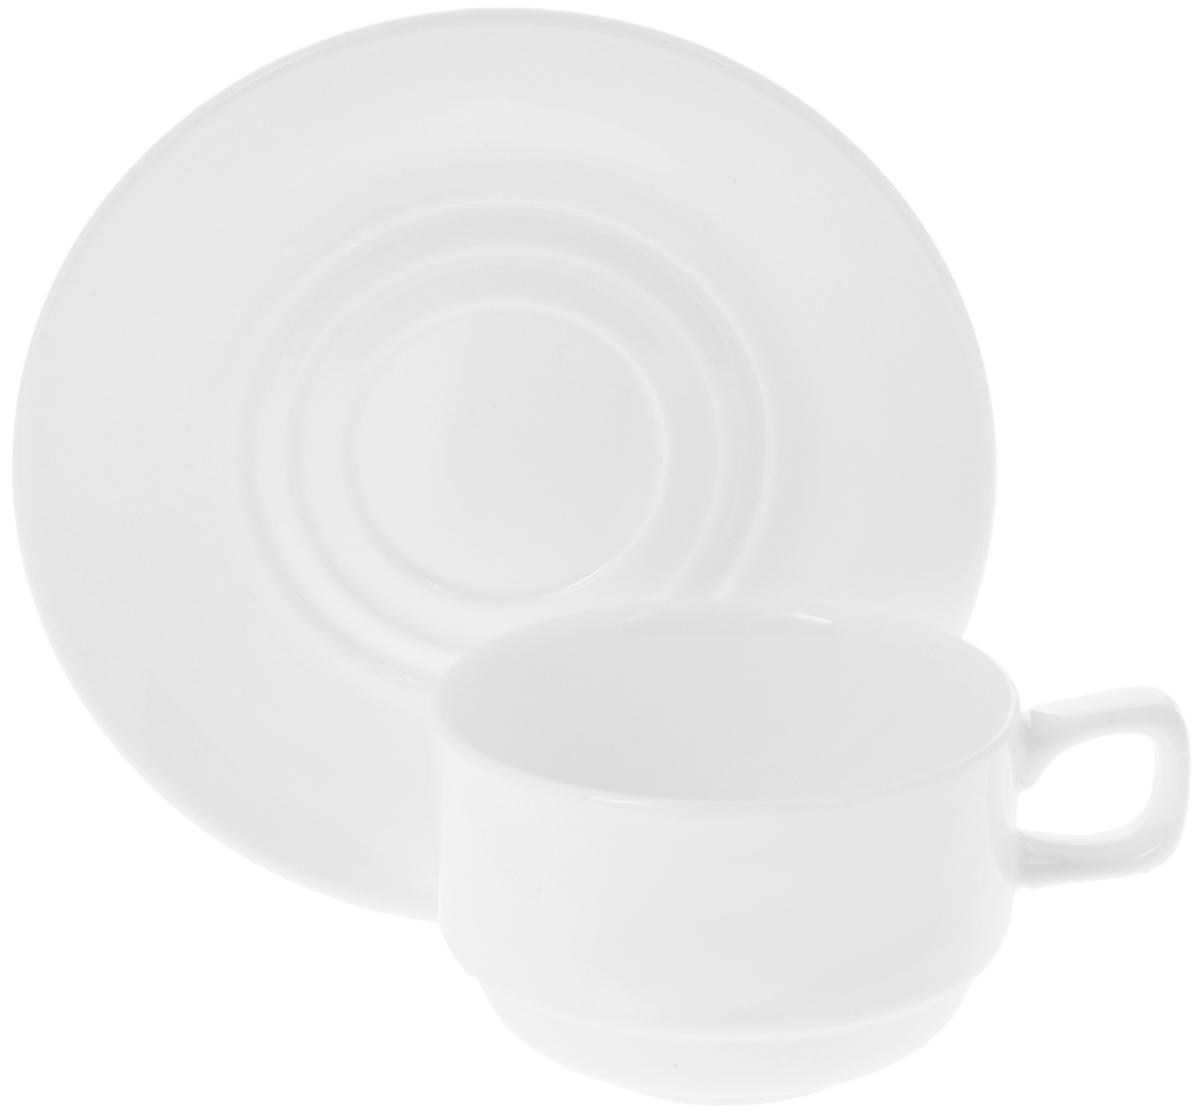 Чайная пара Wilmax, 2 предмета. WL-993008 / ABWL-993008 / ABЧайная пара Wilmax состоит из чашки и блюдца, выполненных из высококачественного фарфора и оформленных в классическом стиле. Оригинальный дизайн, несомненно, придется вам по вкусу. Чайная пара Wilmax украсит ваш кухонный стол, а также станет замечательным подарком к любому празднику.Объем чашки: 220 мл.Диаметр чашки (по верхнему краю): 8,5 см.Диаметр дна чашки: 4,5 см.Высота чашки: 5,5 см.Диаметр блюдца: 15 см.